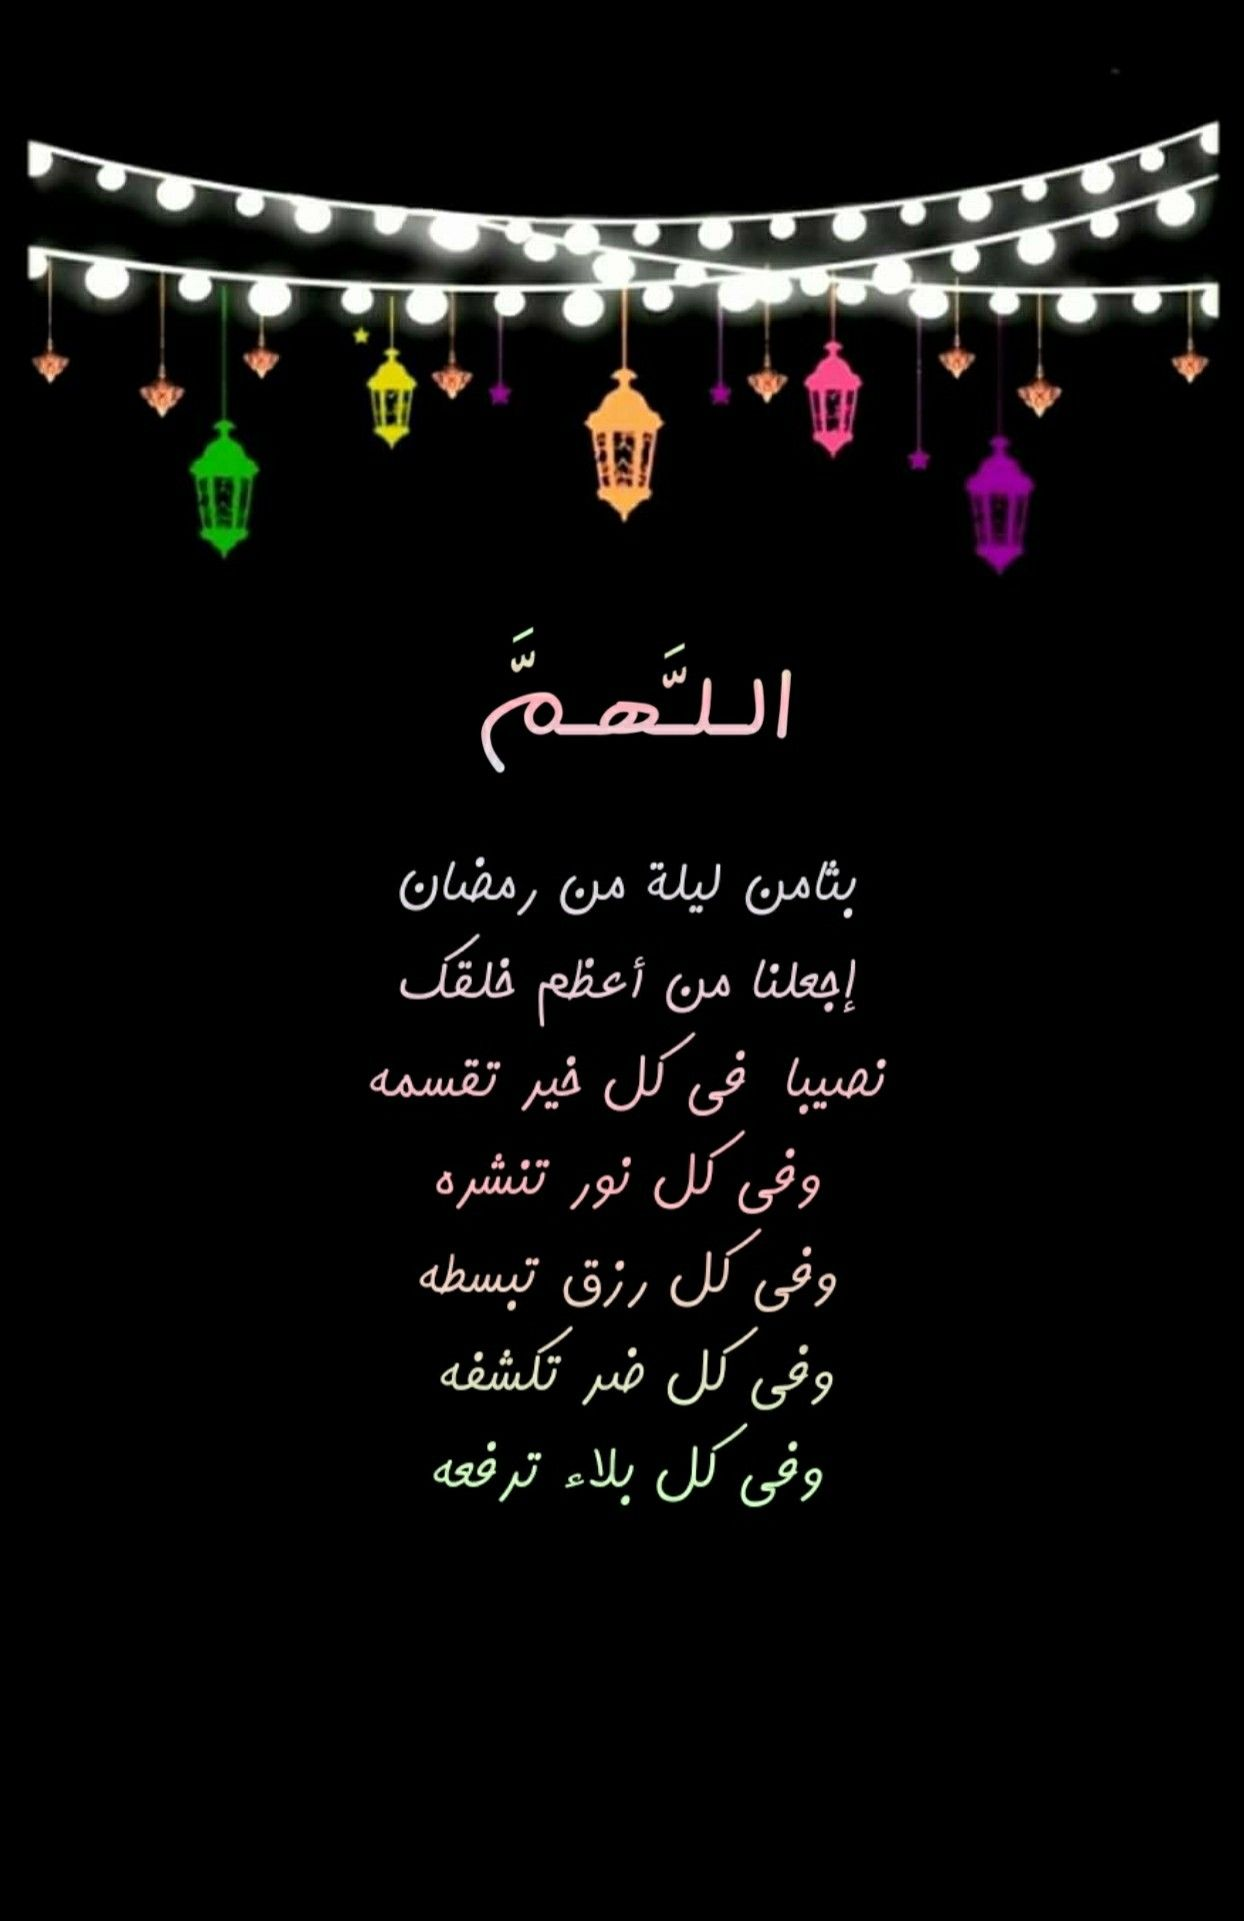 الـلــ هــم بثامن ليلة من رمضان إجعلنا من أعظم خلقك نصيبا في كل خير تقسمه وفي كل نور تنشره وفي كل رزق تبسط Ramadan Quotes Ramadan Day Ramadan Greetings